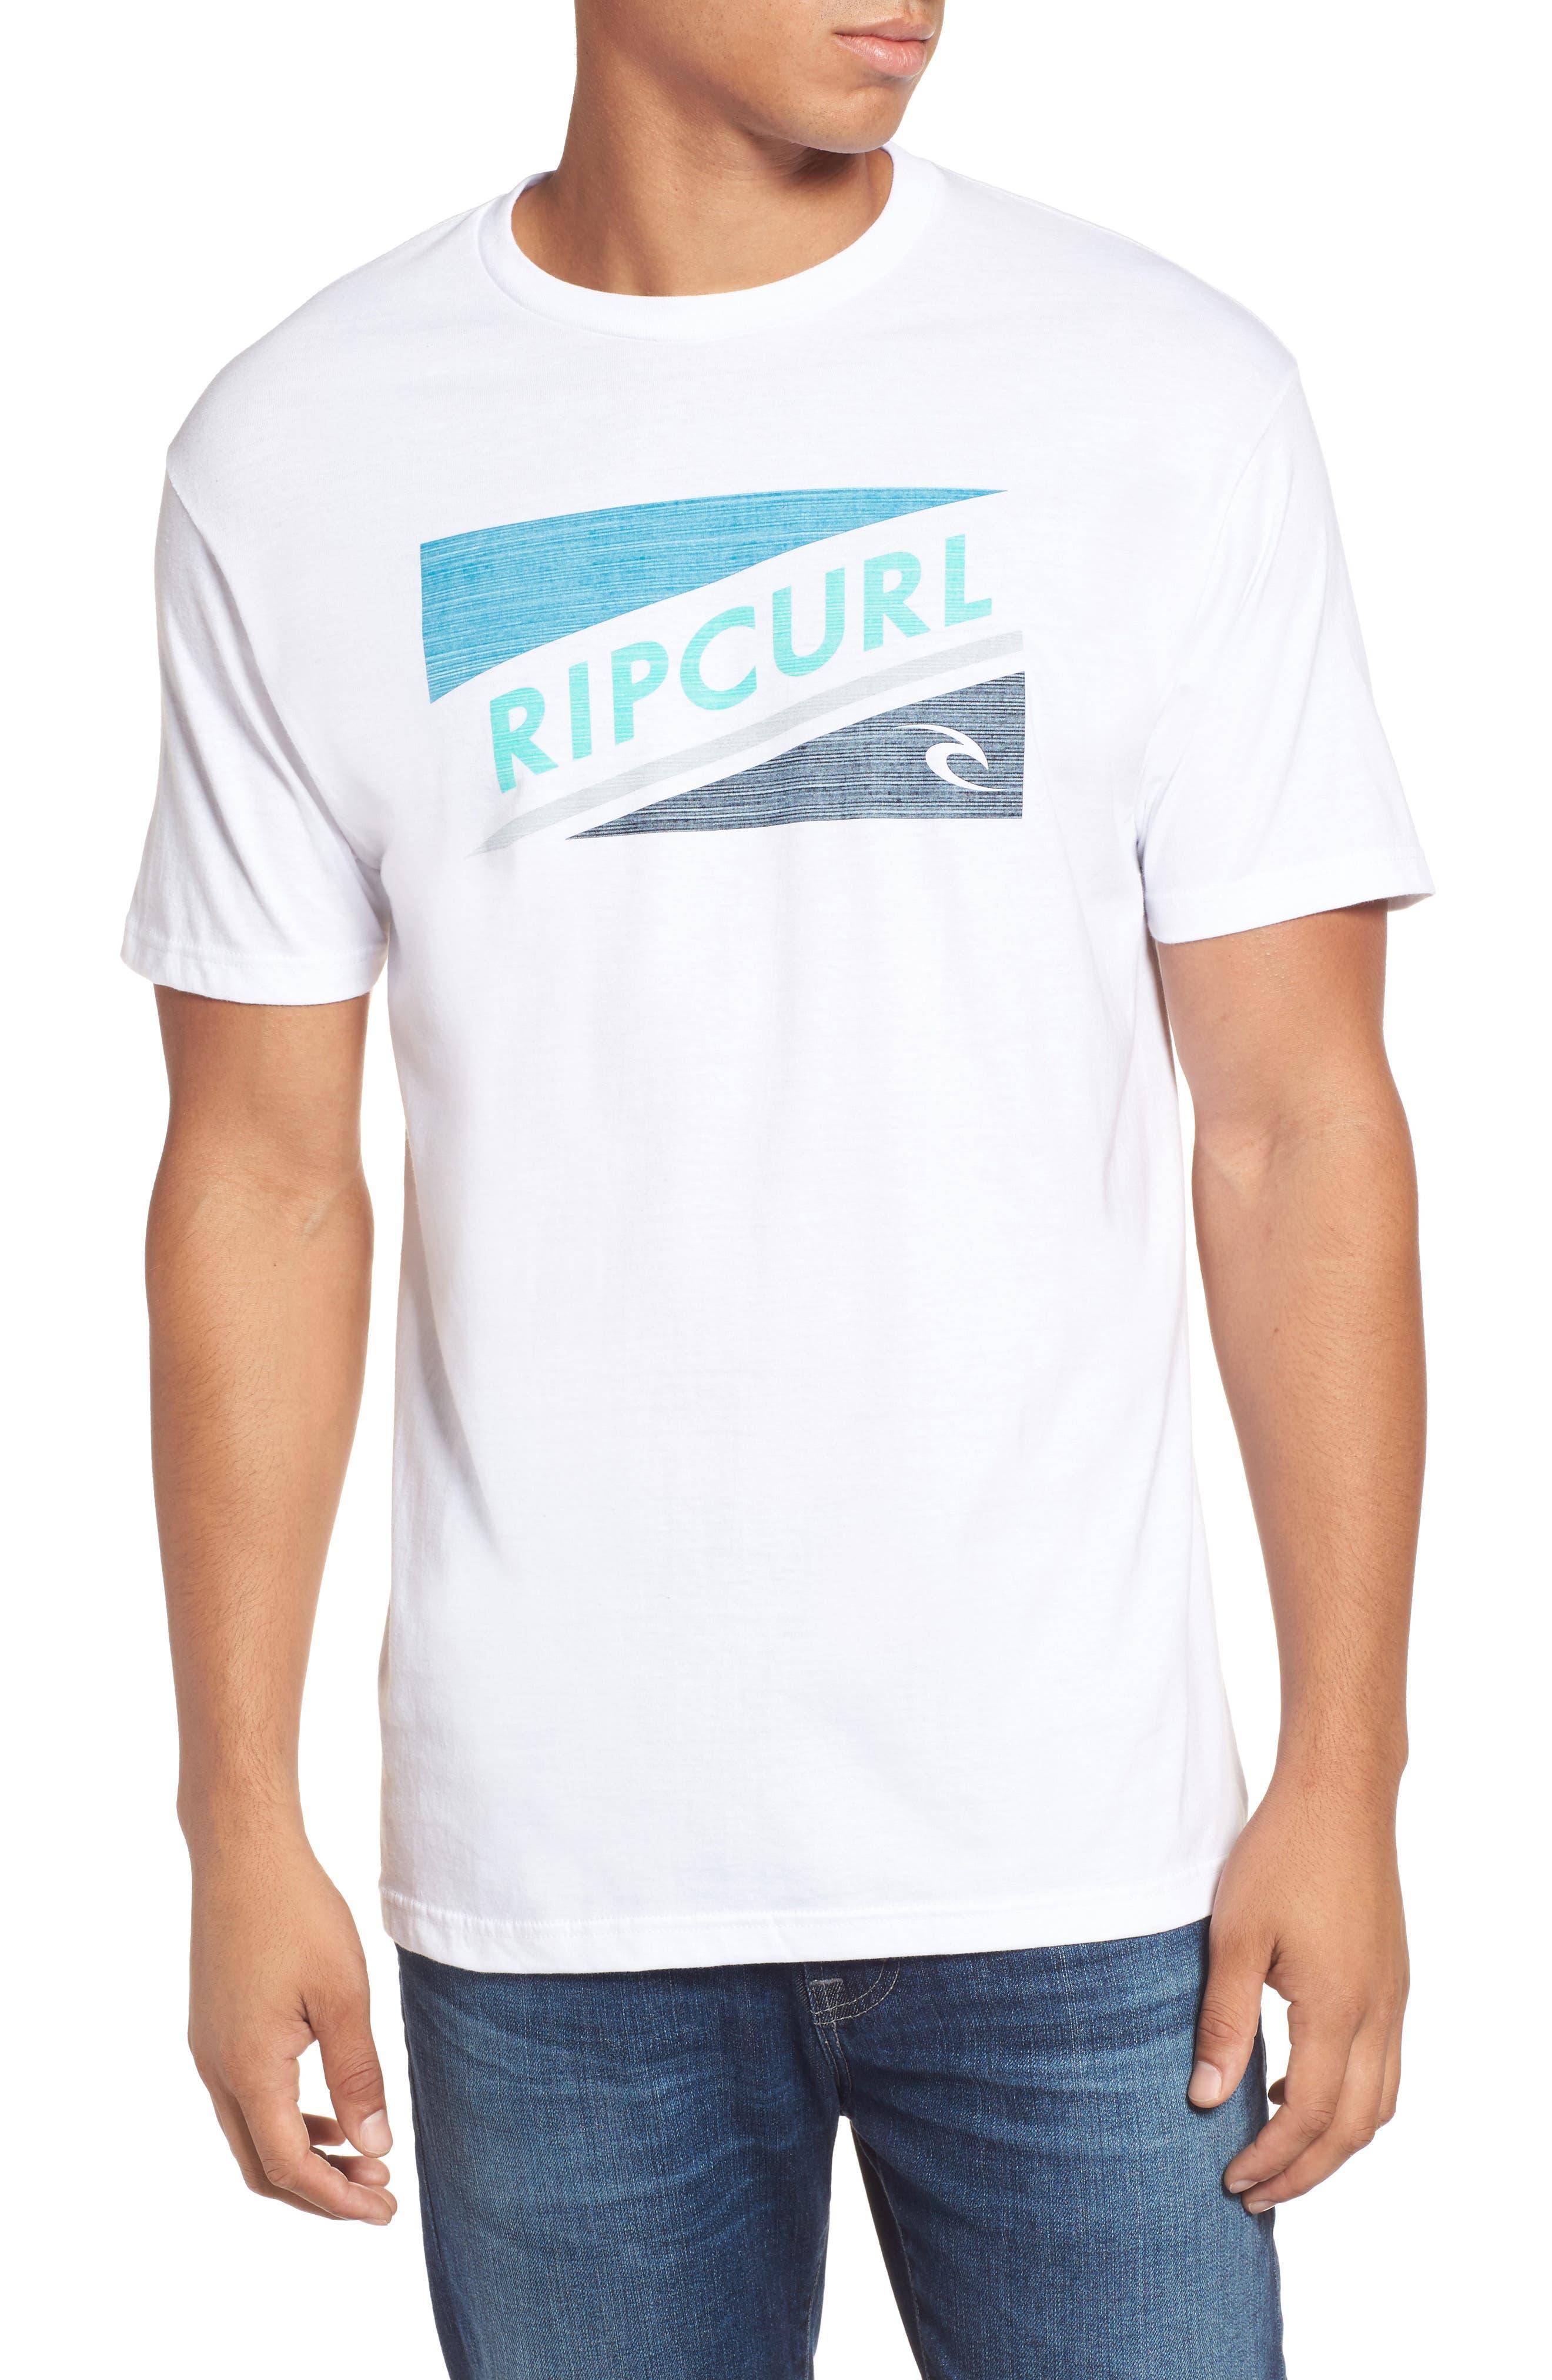 Main Image - Rip Curl Racks Premium Graphic T-Shirt